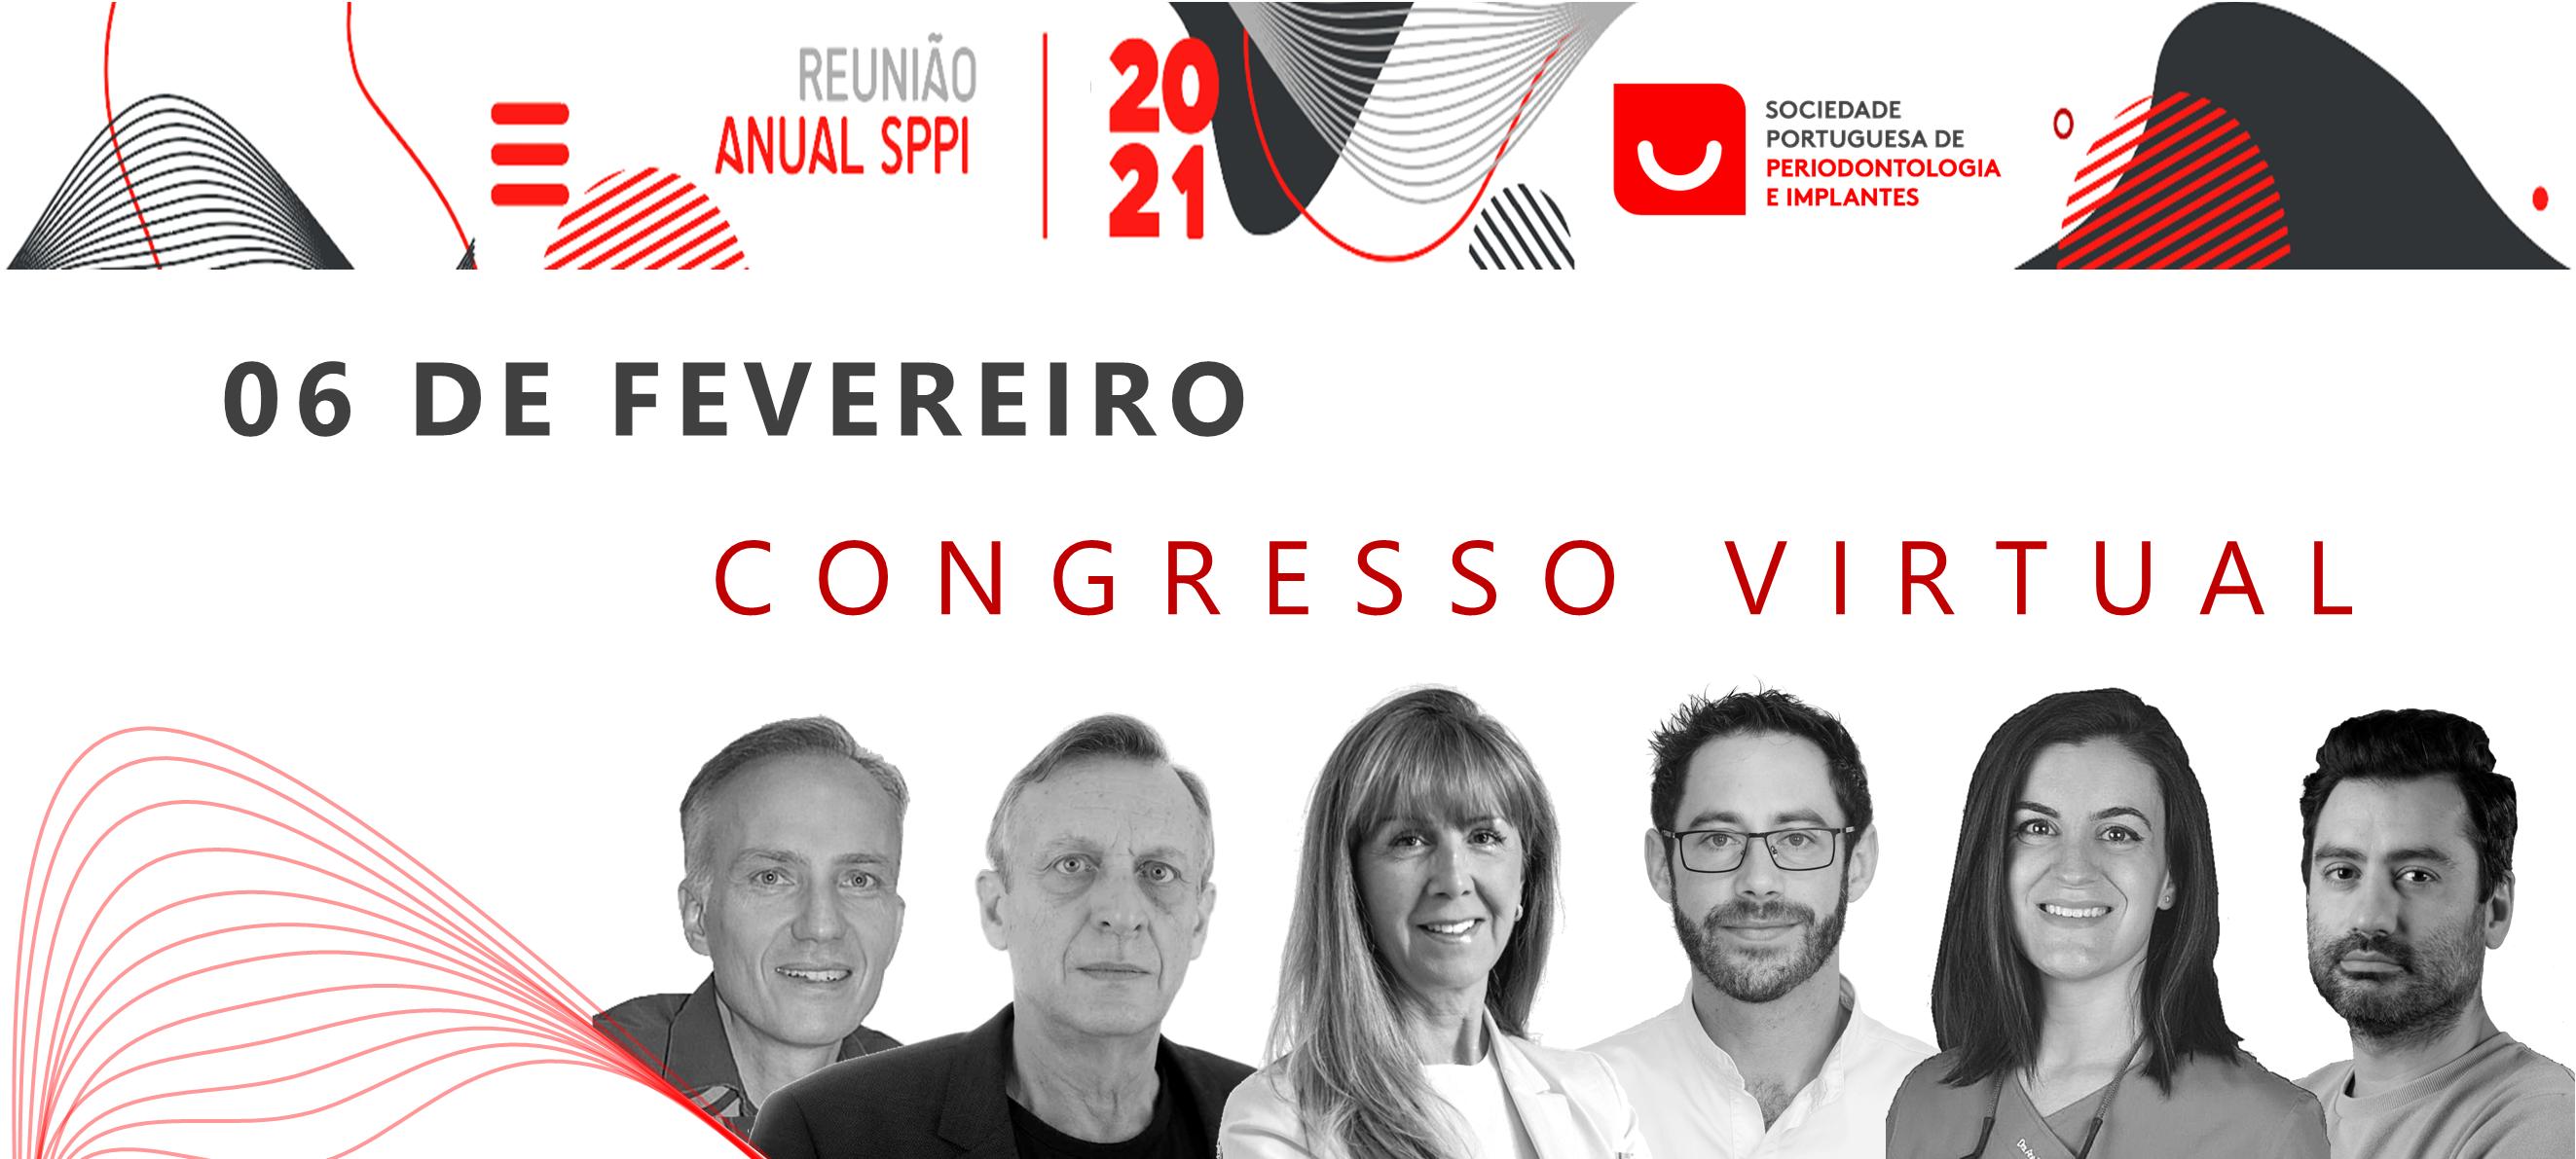 Reunião Anual da Sociedade Portuguesa de Periodontologia e Implantes (SPPI)